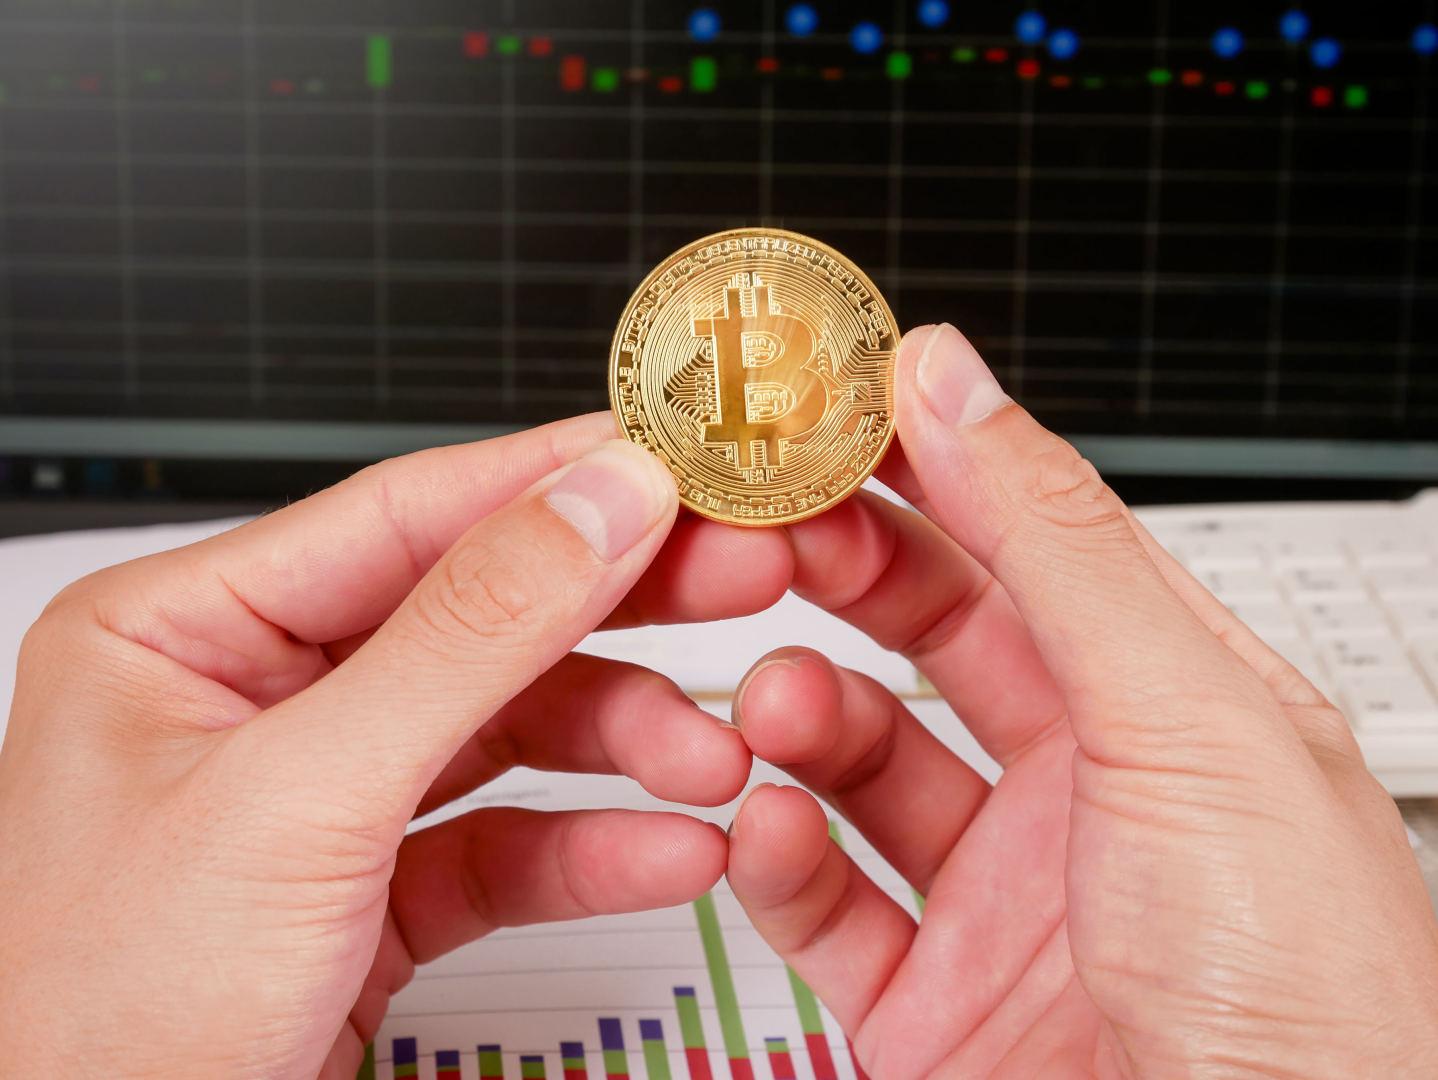 kaip išsigryninti bitkoiną uždirbau didelius pinigus